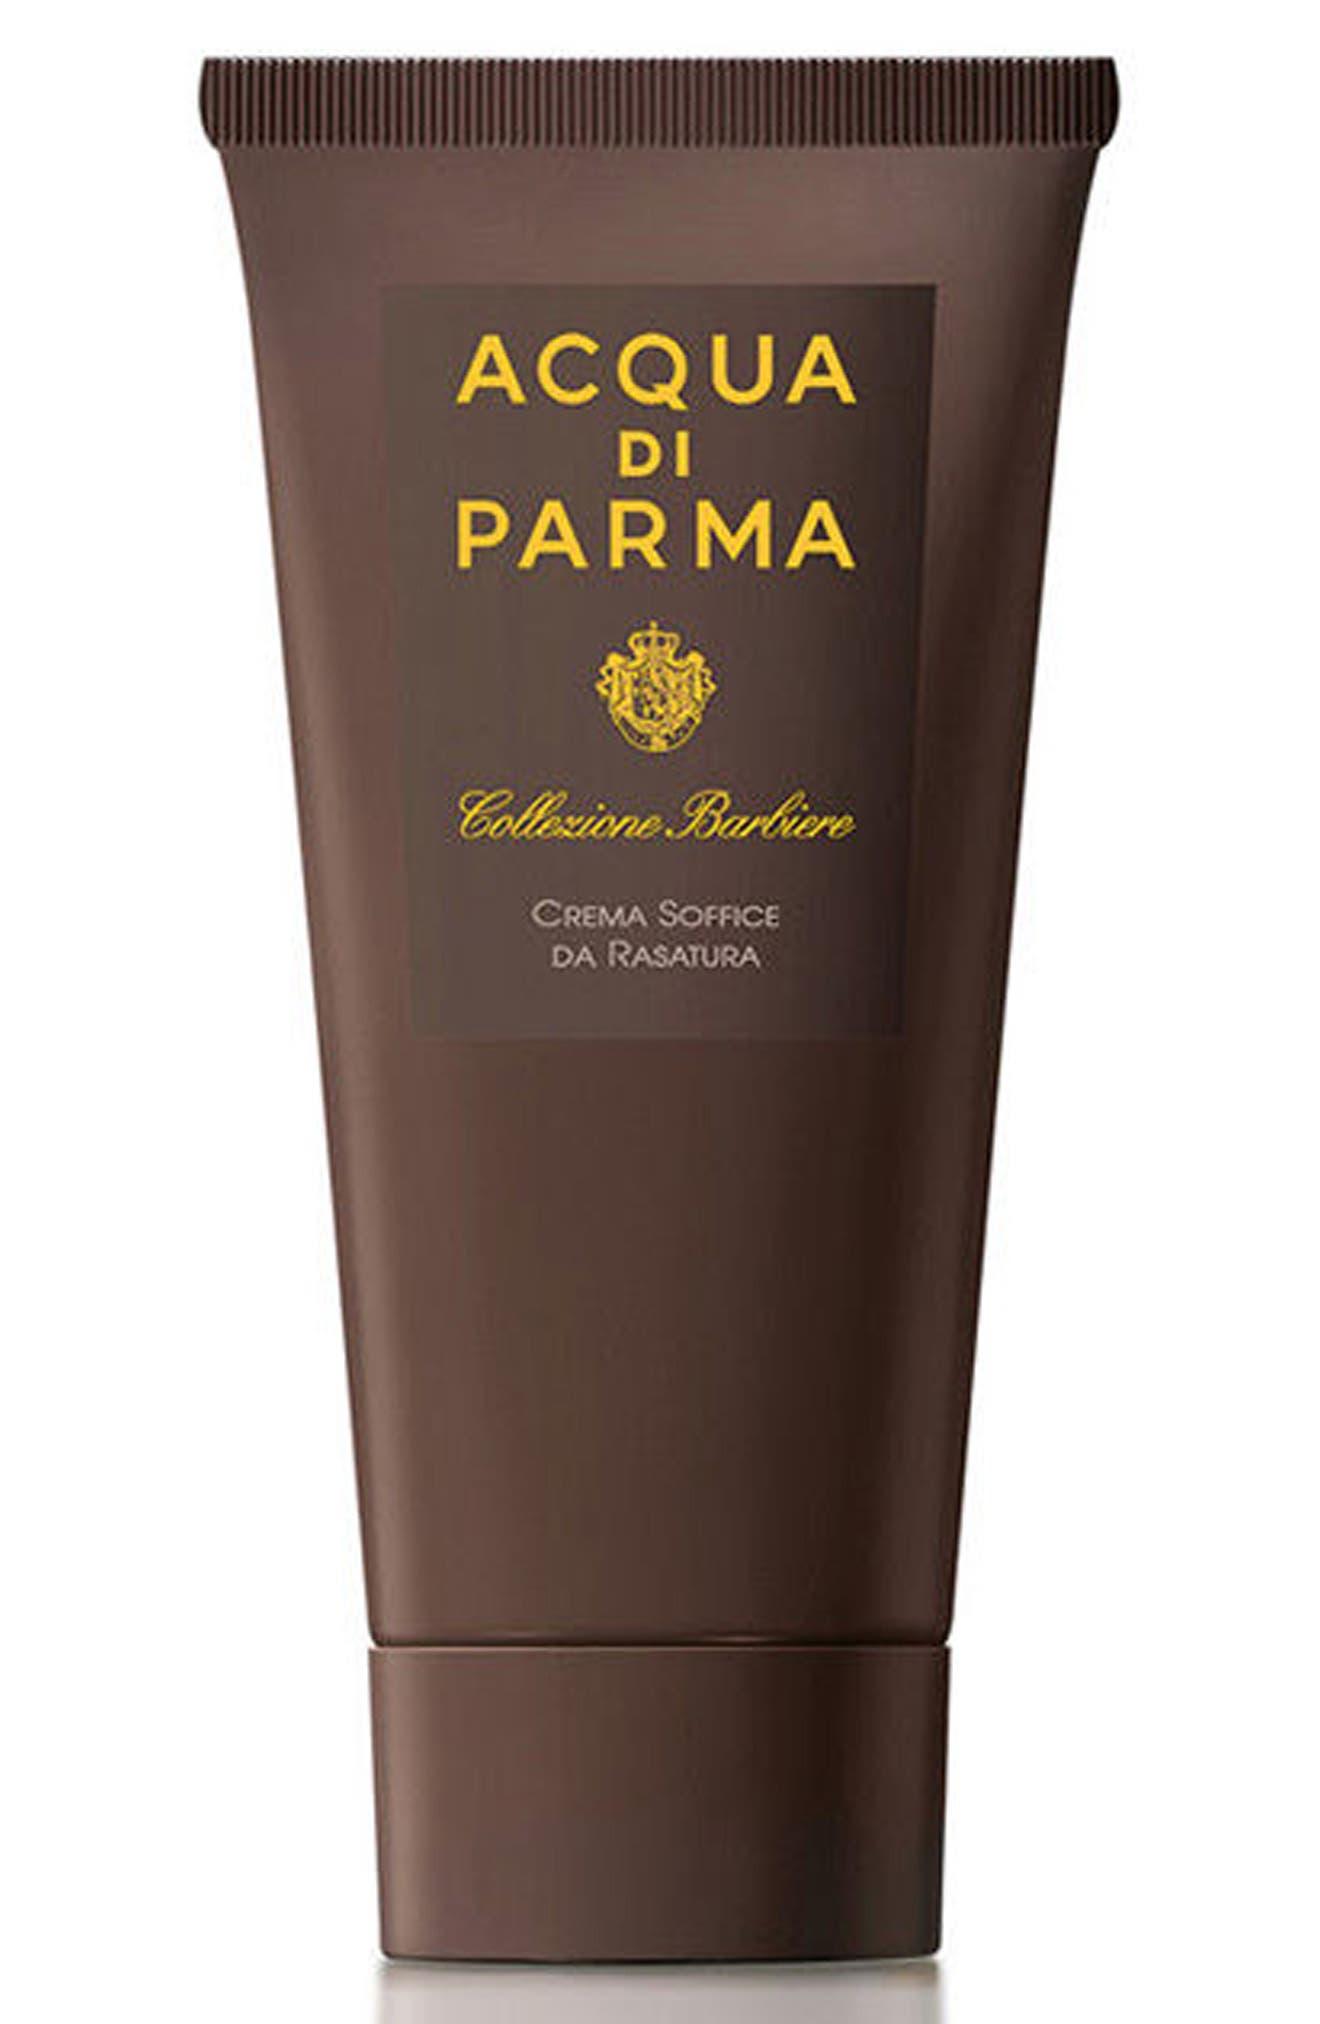 Alternate Image 1 Selected - Acqua di Parma 'Collezione Barbiere' Shave Cream